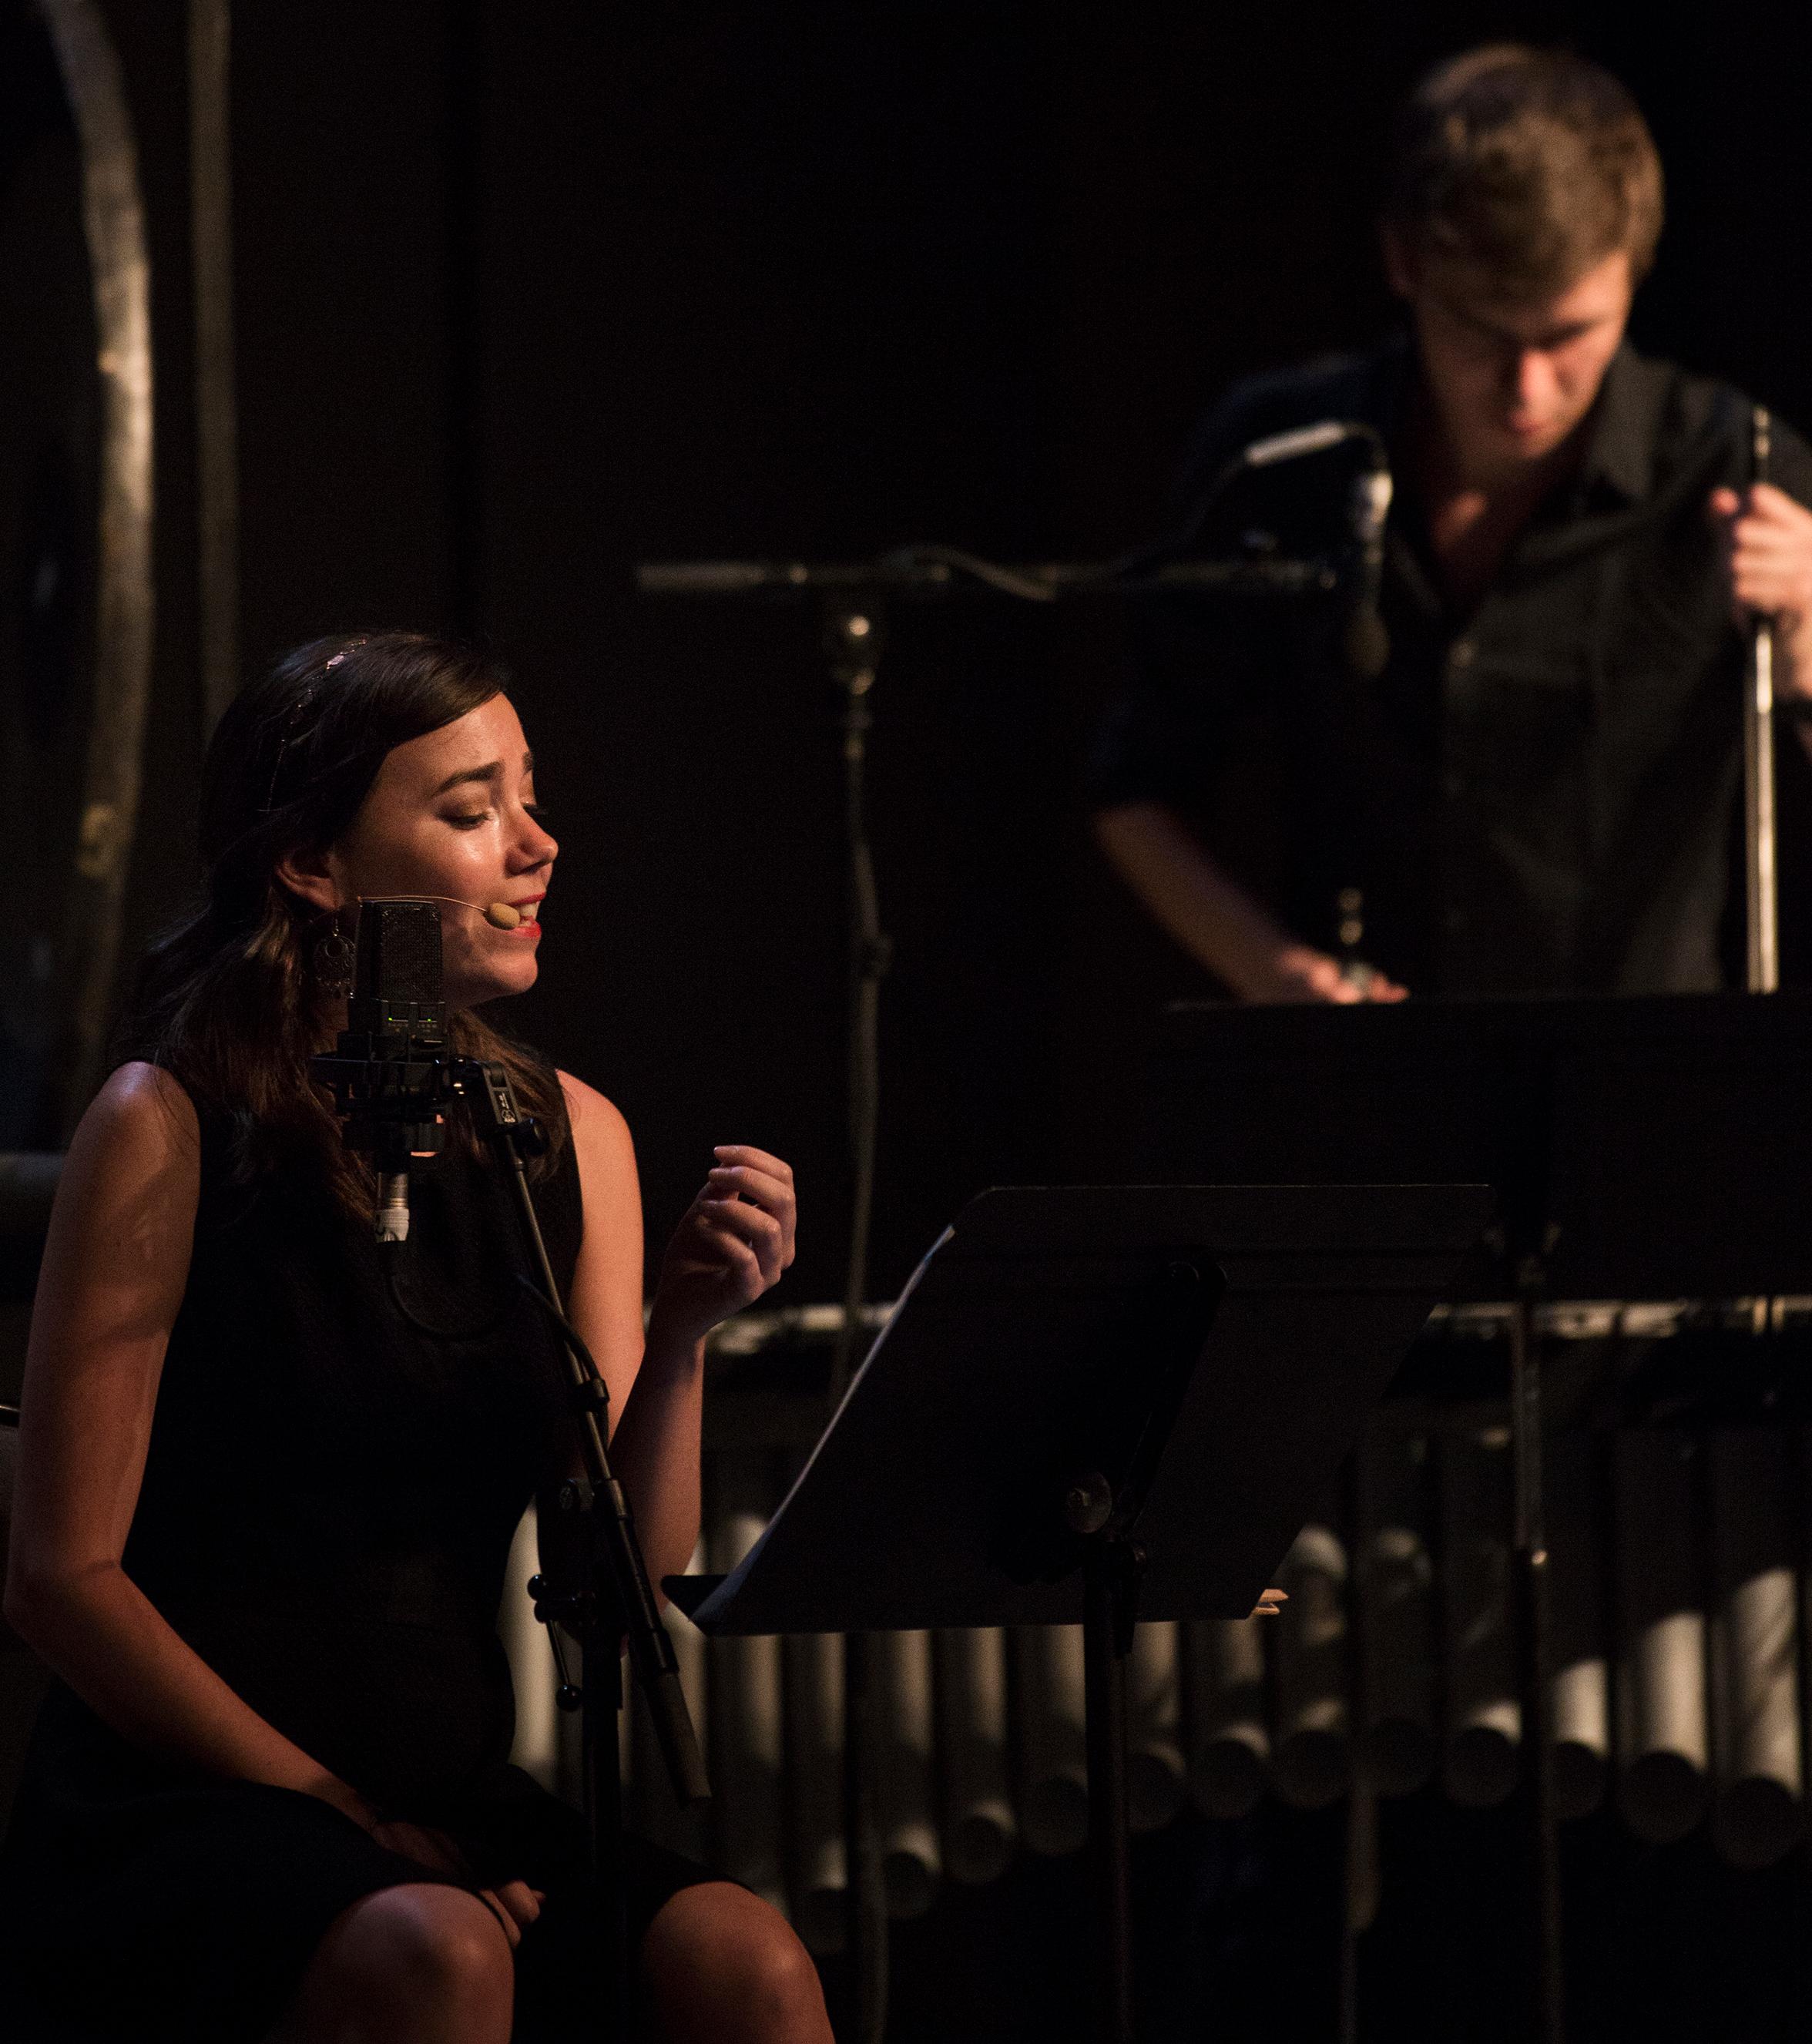 Jennifer Courcier and Magali Simard Galdès, sopranos; Dorian Selmi, percussion. Festival d'Aix-en-Provence, July 2017.